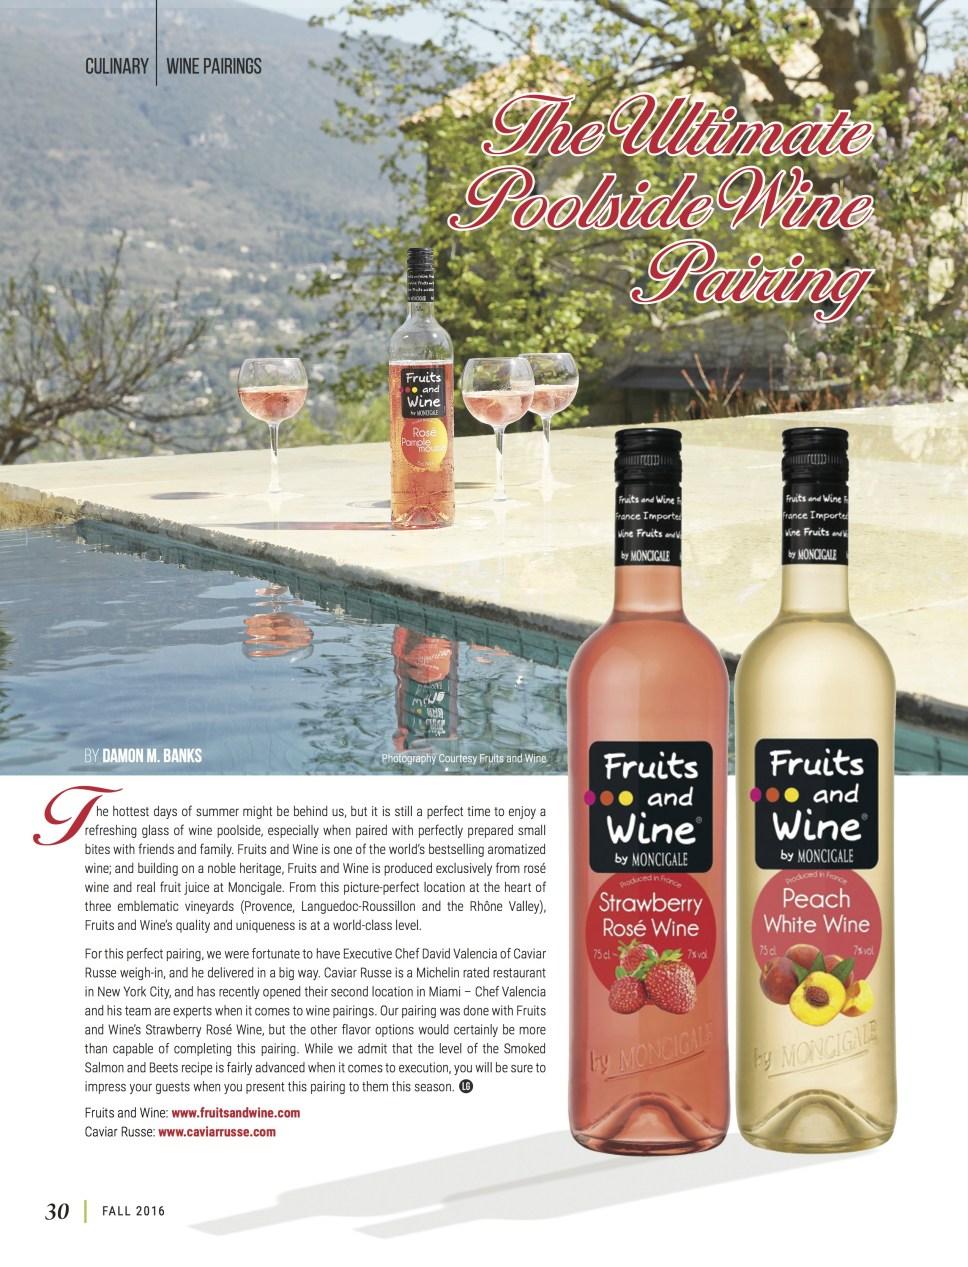 luxegetaways_fall2016_winepairing_1